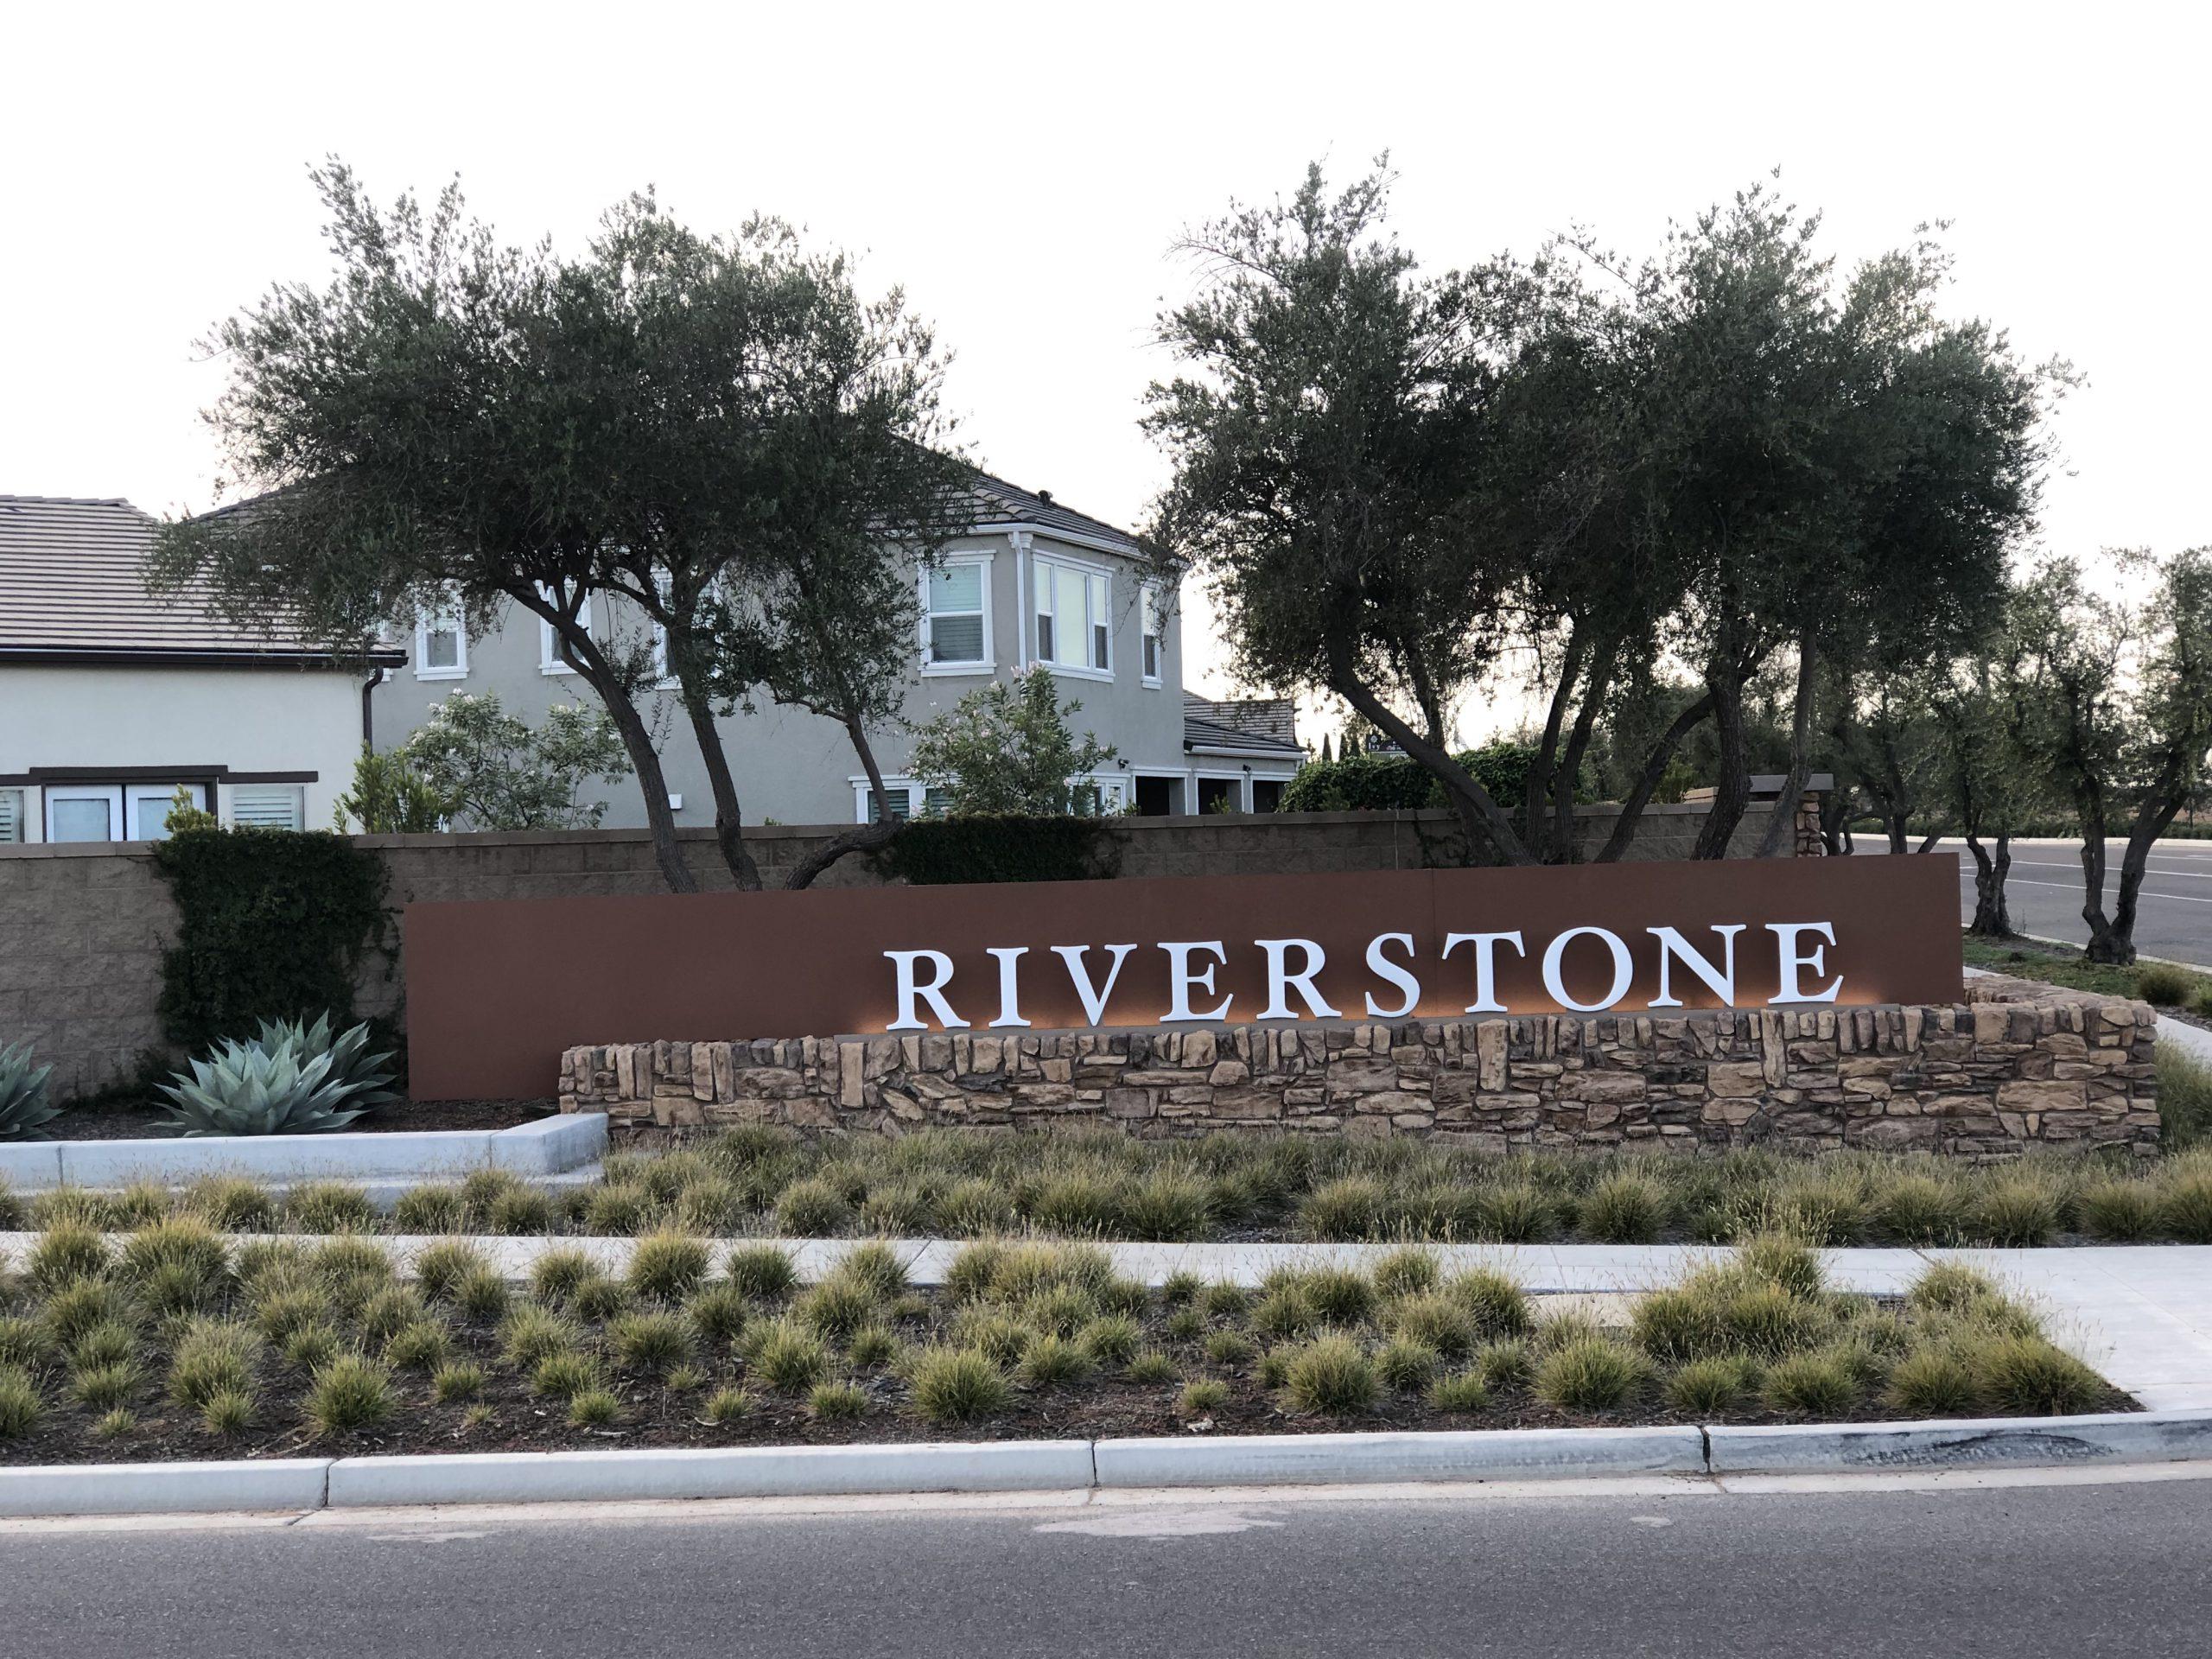 Riverstone - Vivian McCutchen